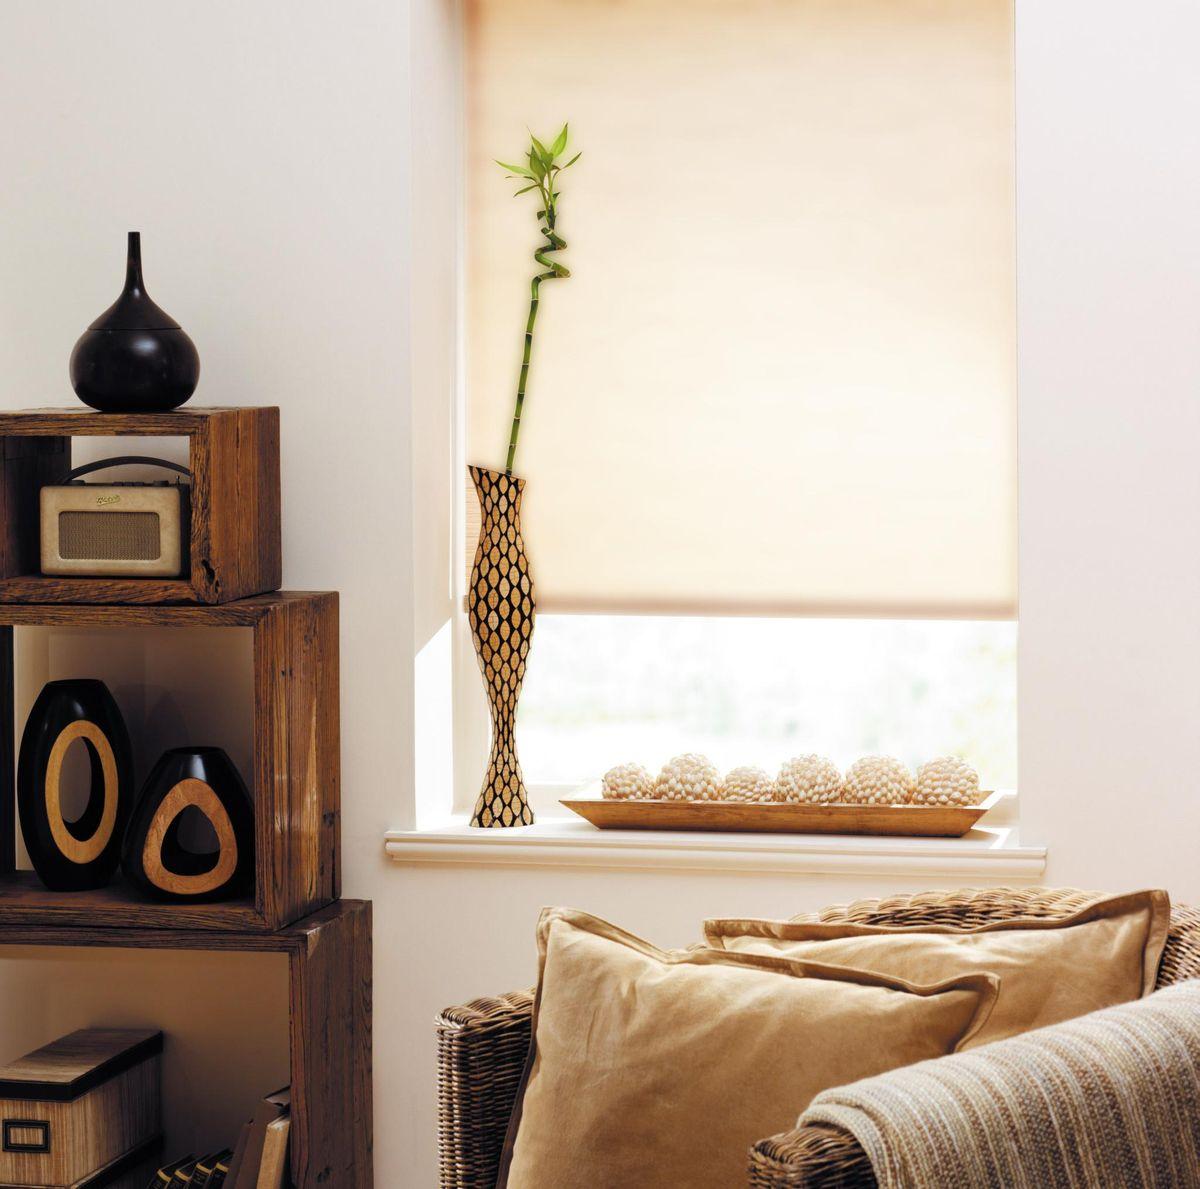 Штора рулонная Эскар, цвет: бежевый лен, ширина 60 см, высота 170 см80409060170Рулонными шторами можно оформлять окна как самостоятельно, так и использовать в комбинации с портьерами. Это поможет предотвратить выгорание дорогой ткани на солнце и соединит функционал рулонных с красотой навесных. Преимущества применения рулонных штор для пластиковых окон: - имеют прекрасный внешний вид: многообразие и фактурность материала изделия отлично смотрятся в любом интерьере; - многофункциональны: есть возможность подобрать шторы способные эффективно защитить комнату от солнца, при этом о на не будет слишком темной. - Есть возможность осуществить быстрый монтаж. ВНИМАНИЕ! Размеры ширины изделия указаны по ширине ткани! Во время эксплуатации не рекомендуется полностью разматывать рулон, чтобы не оторвать ткань от намоточного вала. В случае загрязнения поверхности ткани, чистку шторы проводят одним из способов, в зависимости от типа загрязнения: легкое поверхностное загрязнение можно удалить при помощи...